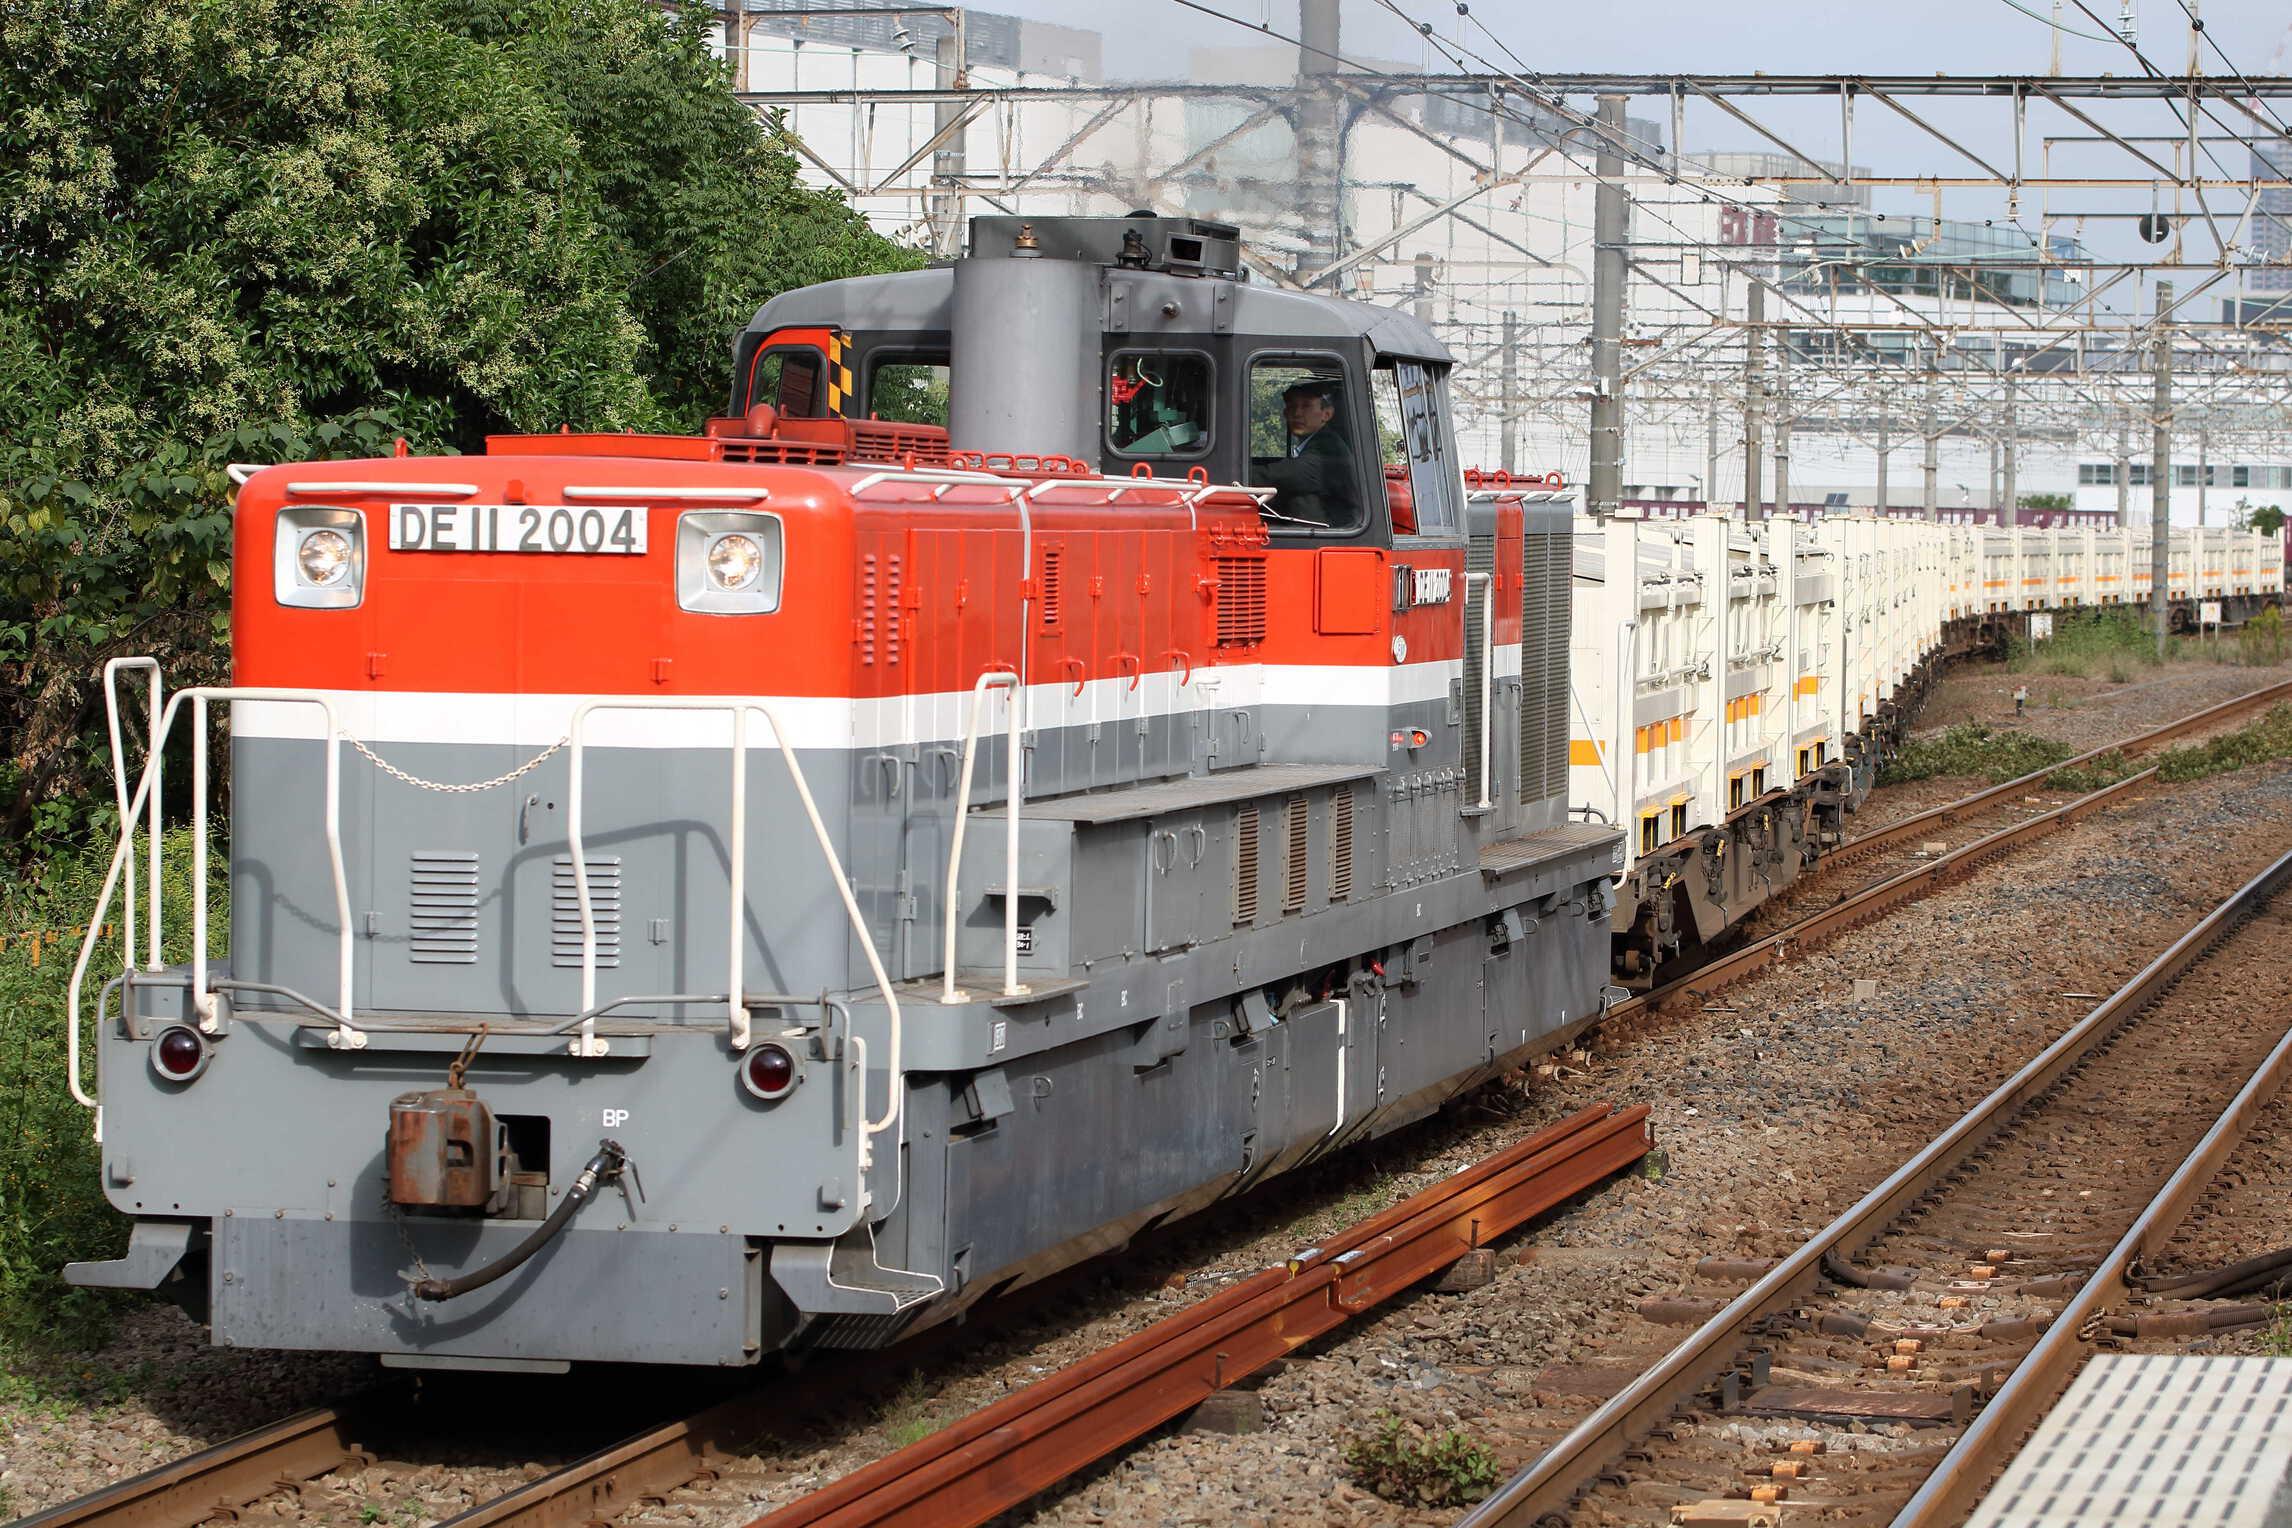 8150列車 リニア残土輸送 DE11-2004①[新]+コキ